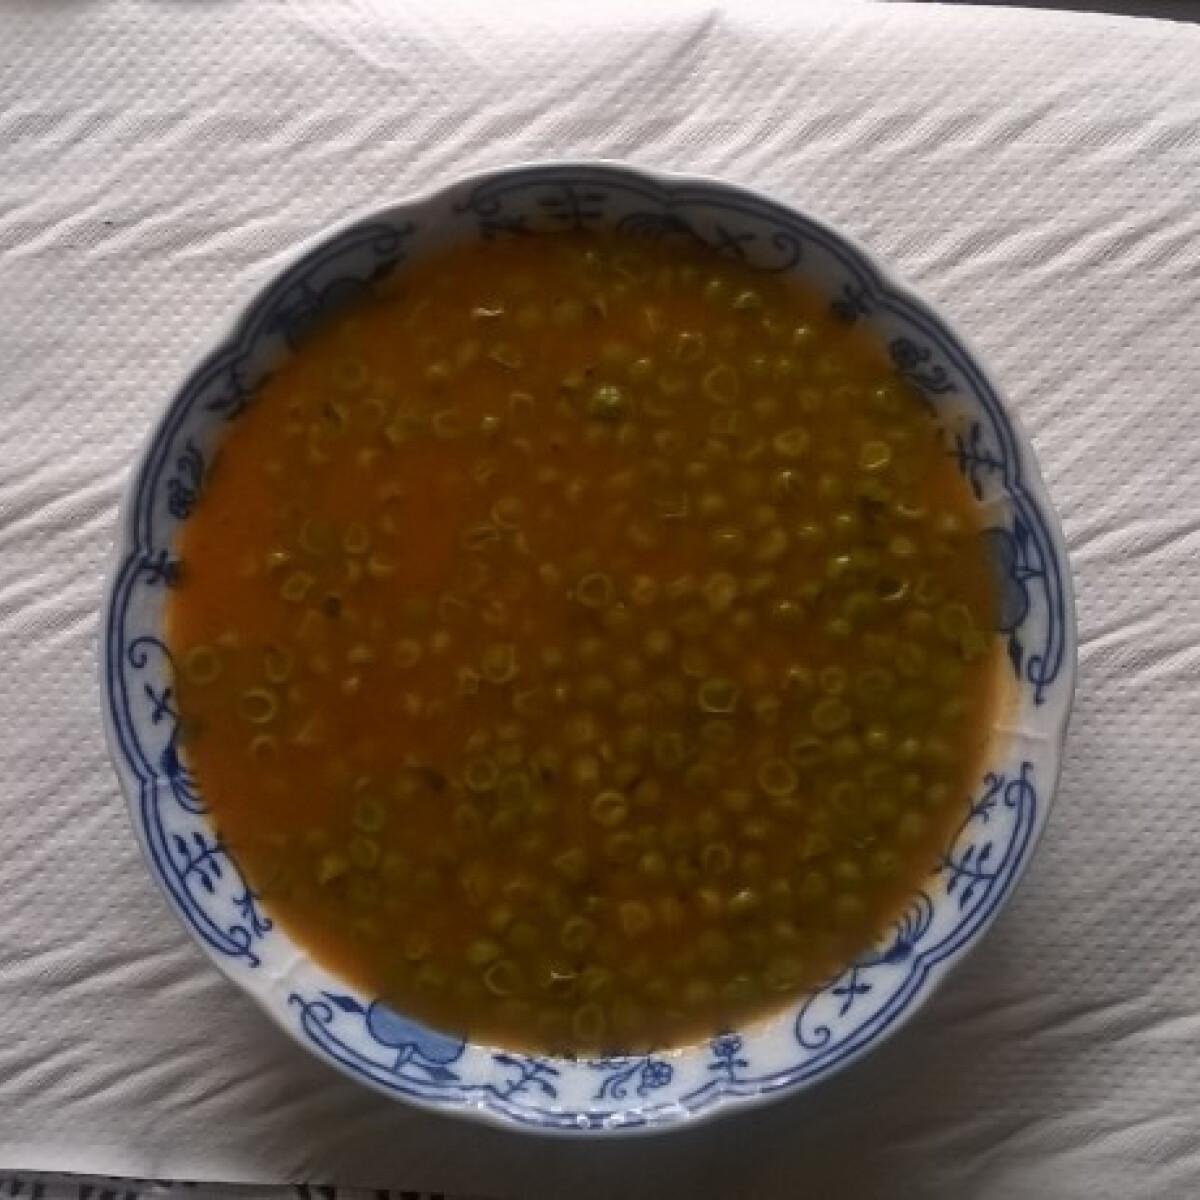 Zöldborsó főzelék márti1218 konyhájából